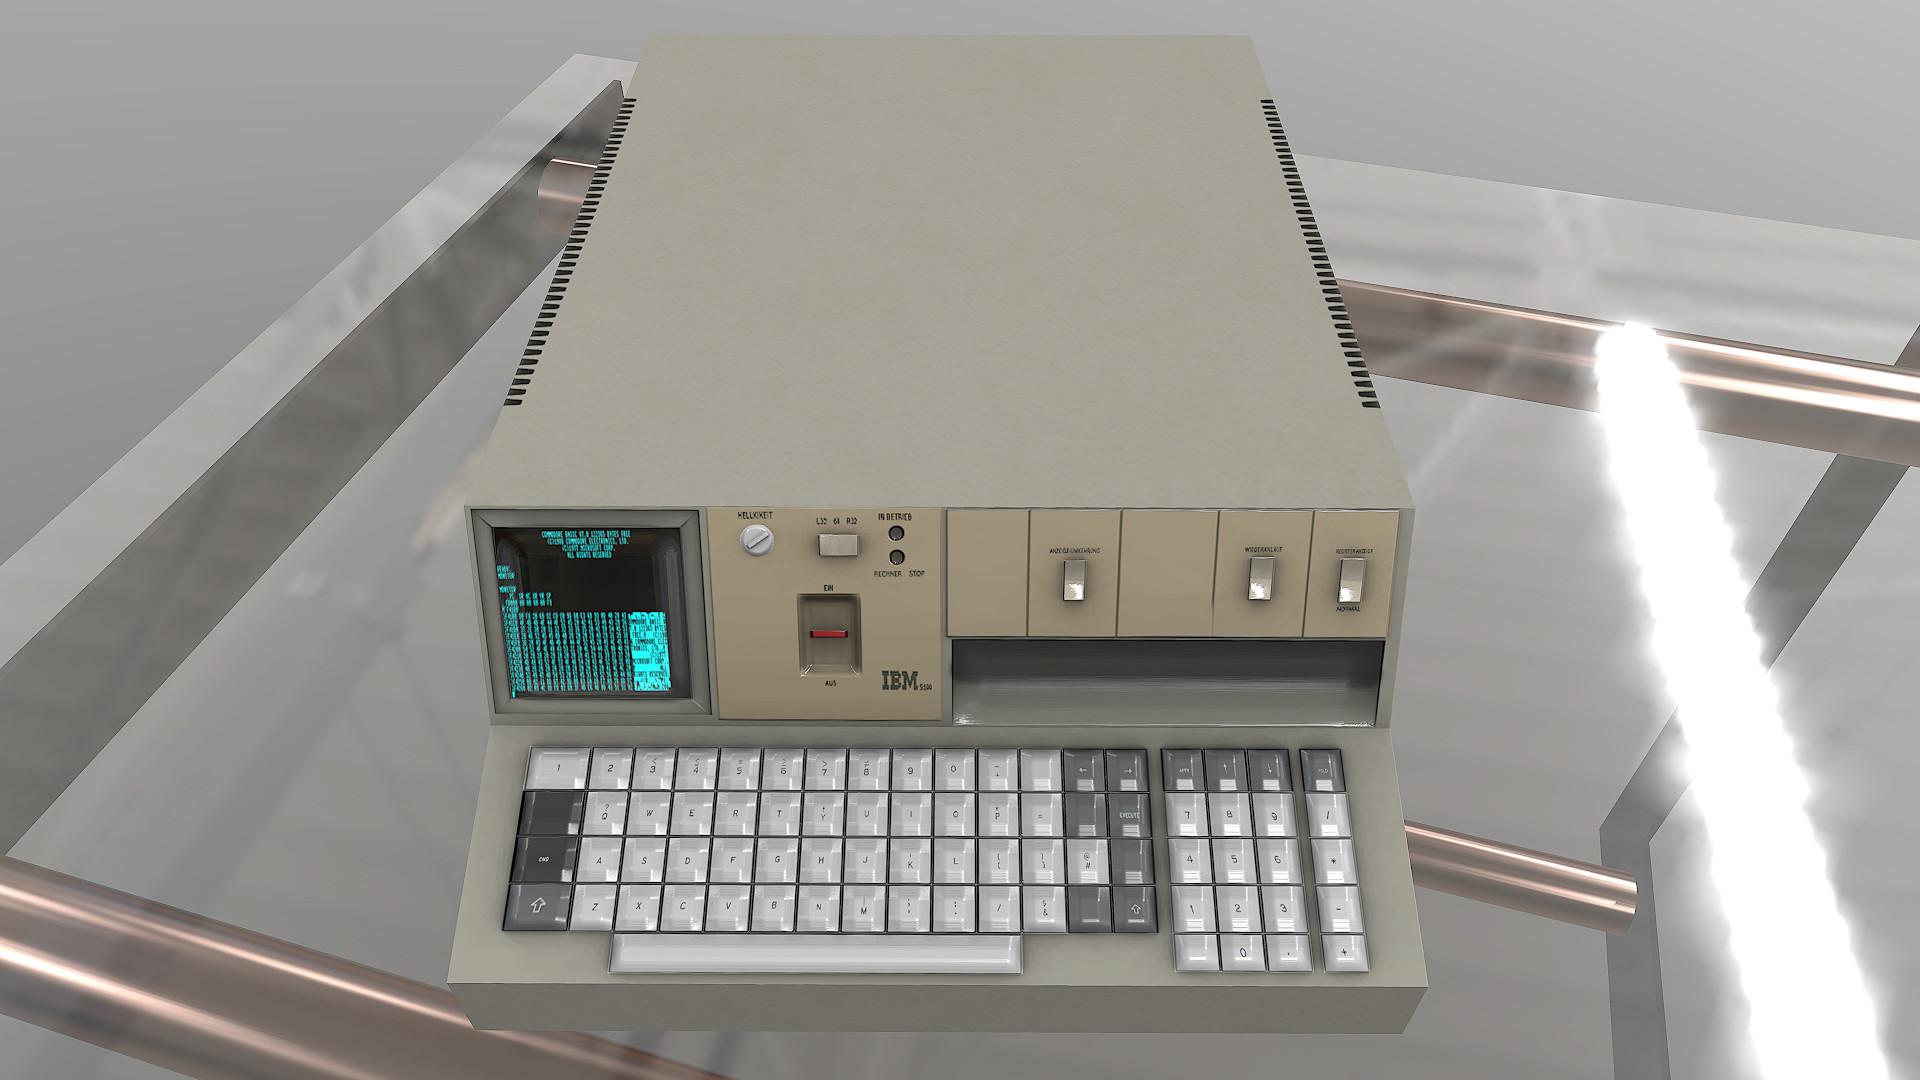 ArtStation - IBM 5100, Stefano Bertolin